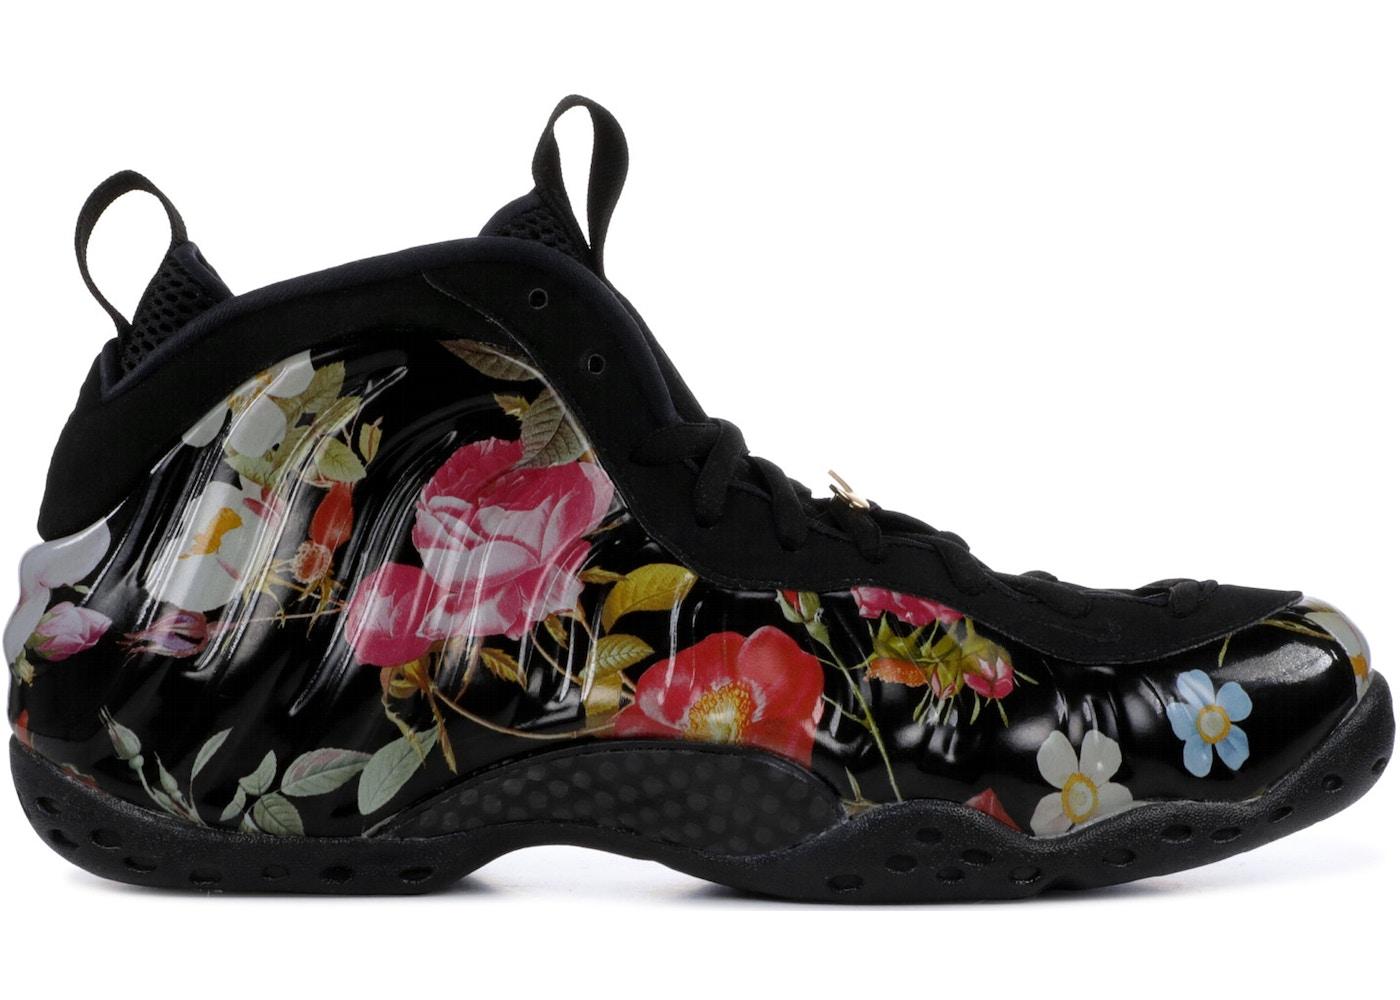 cd58a6a4281 Buy Nike Foamposite Shoes   Deadstock Sneakers